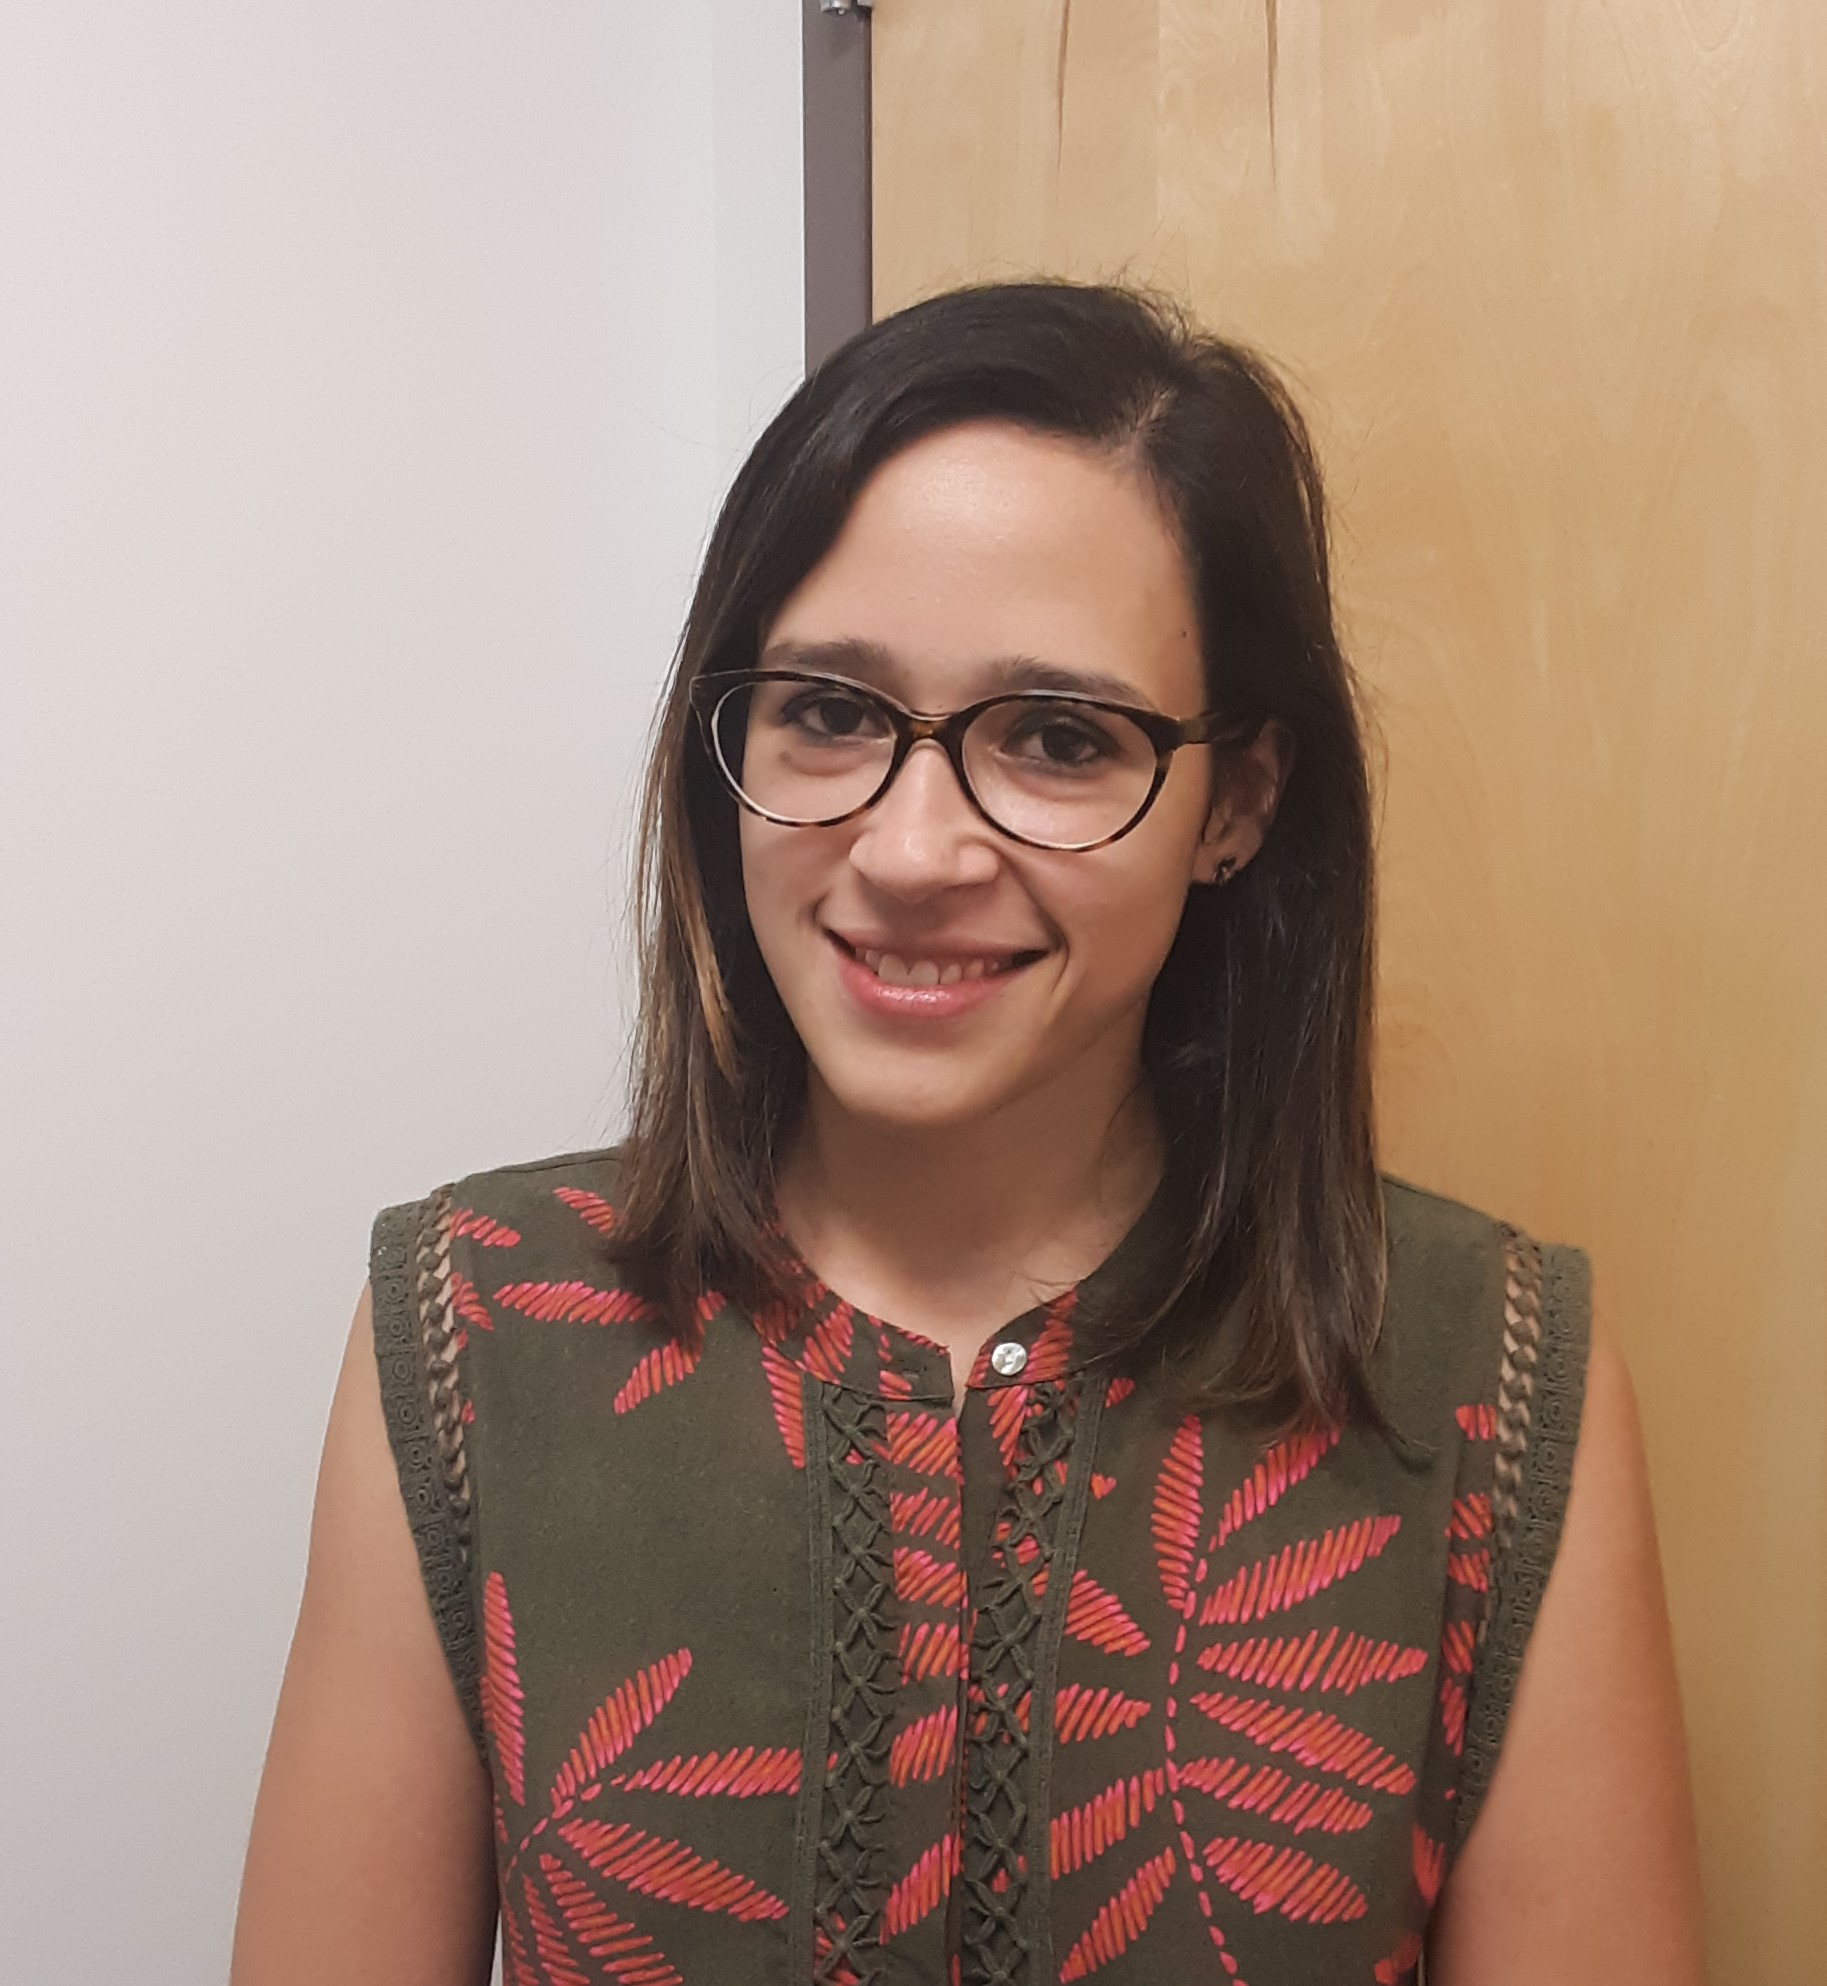 Mariana Abraham